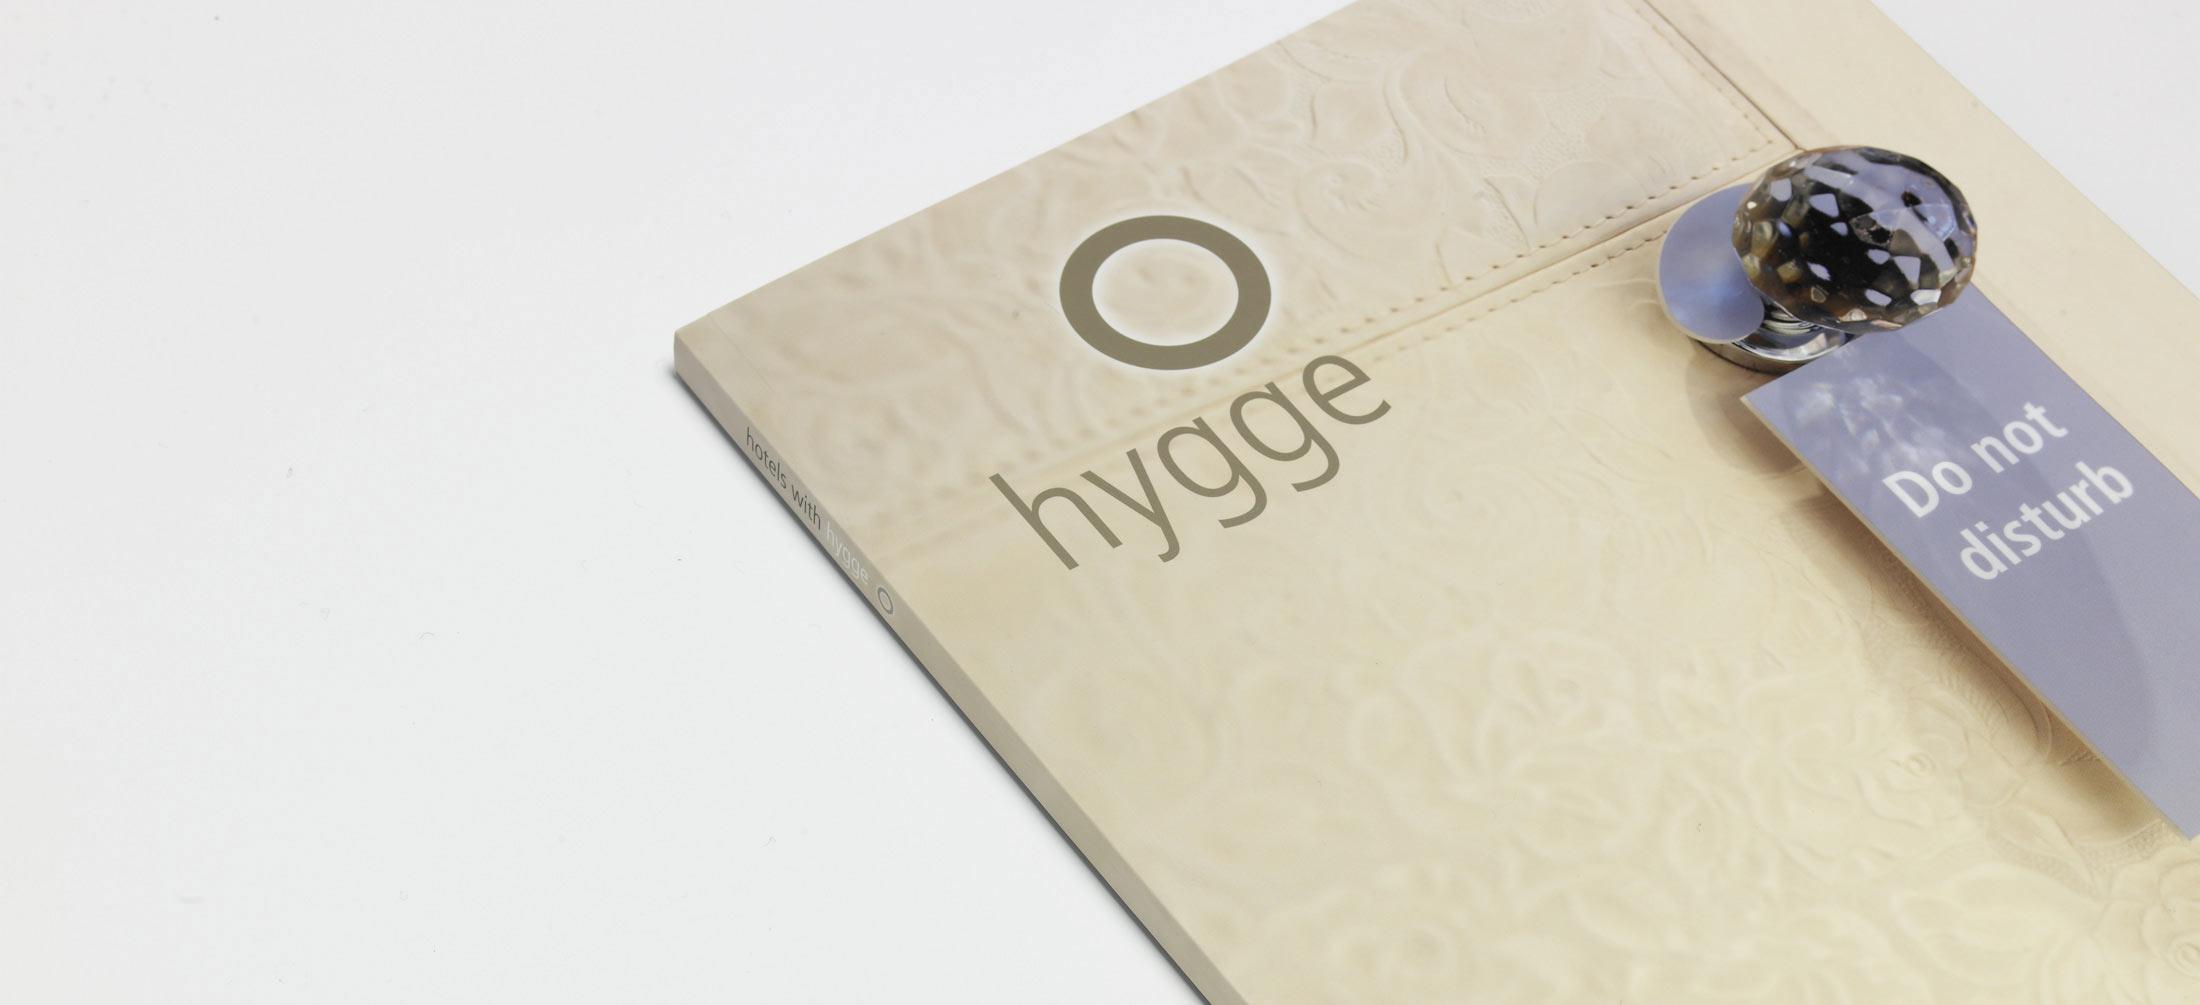 Print design for Bang & Olufsen